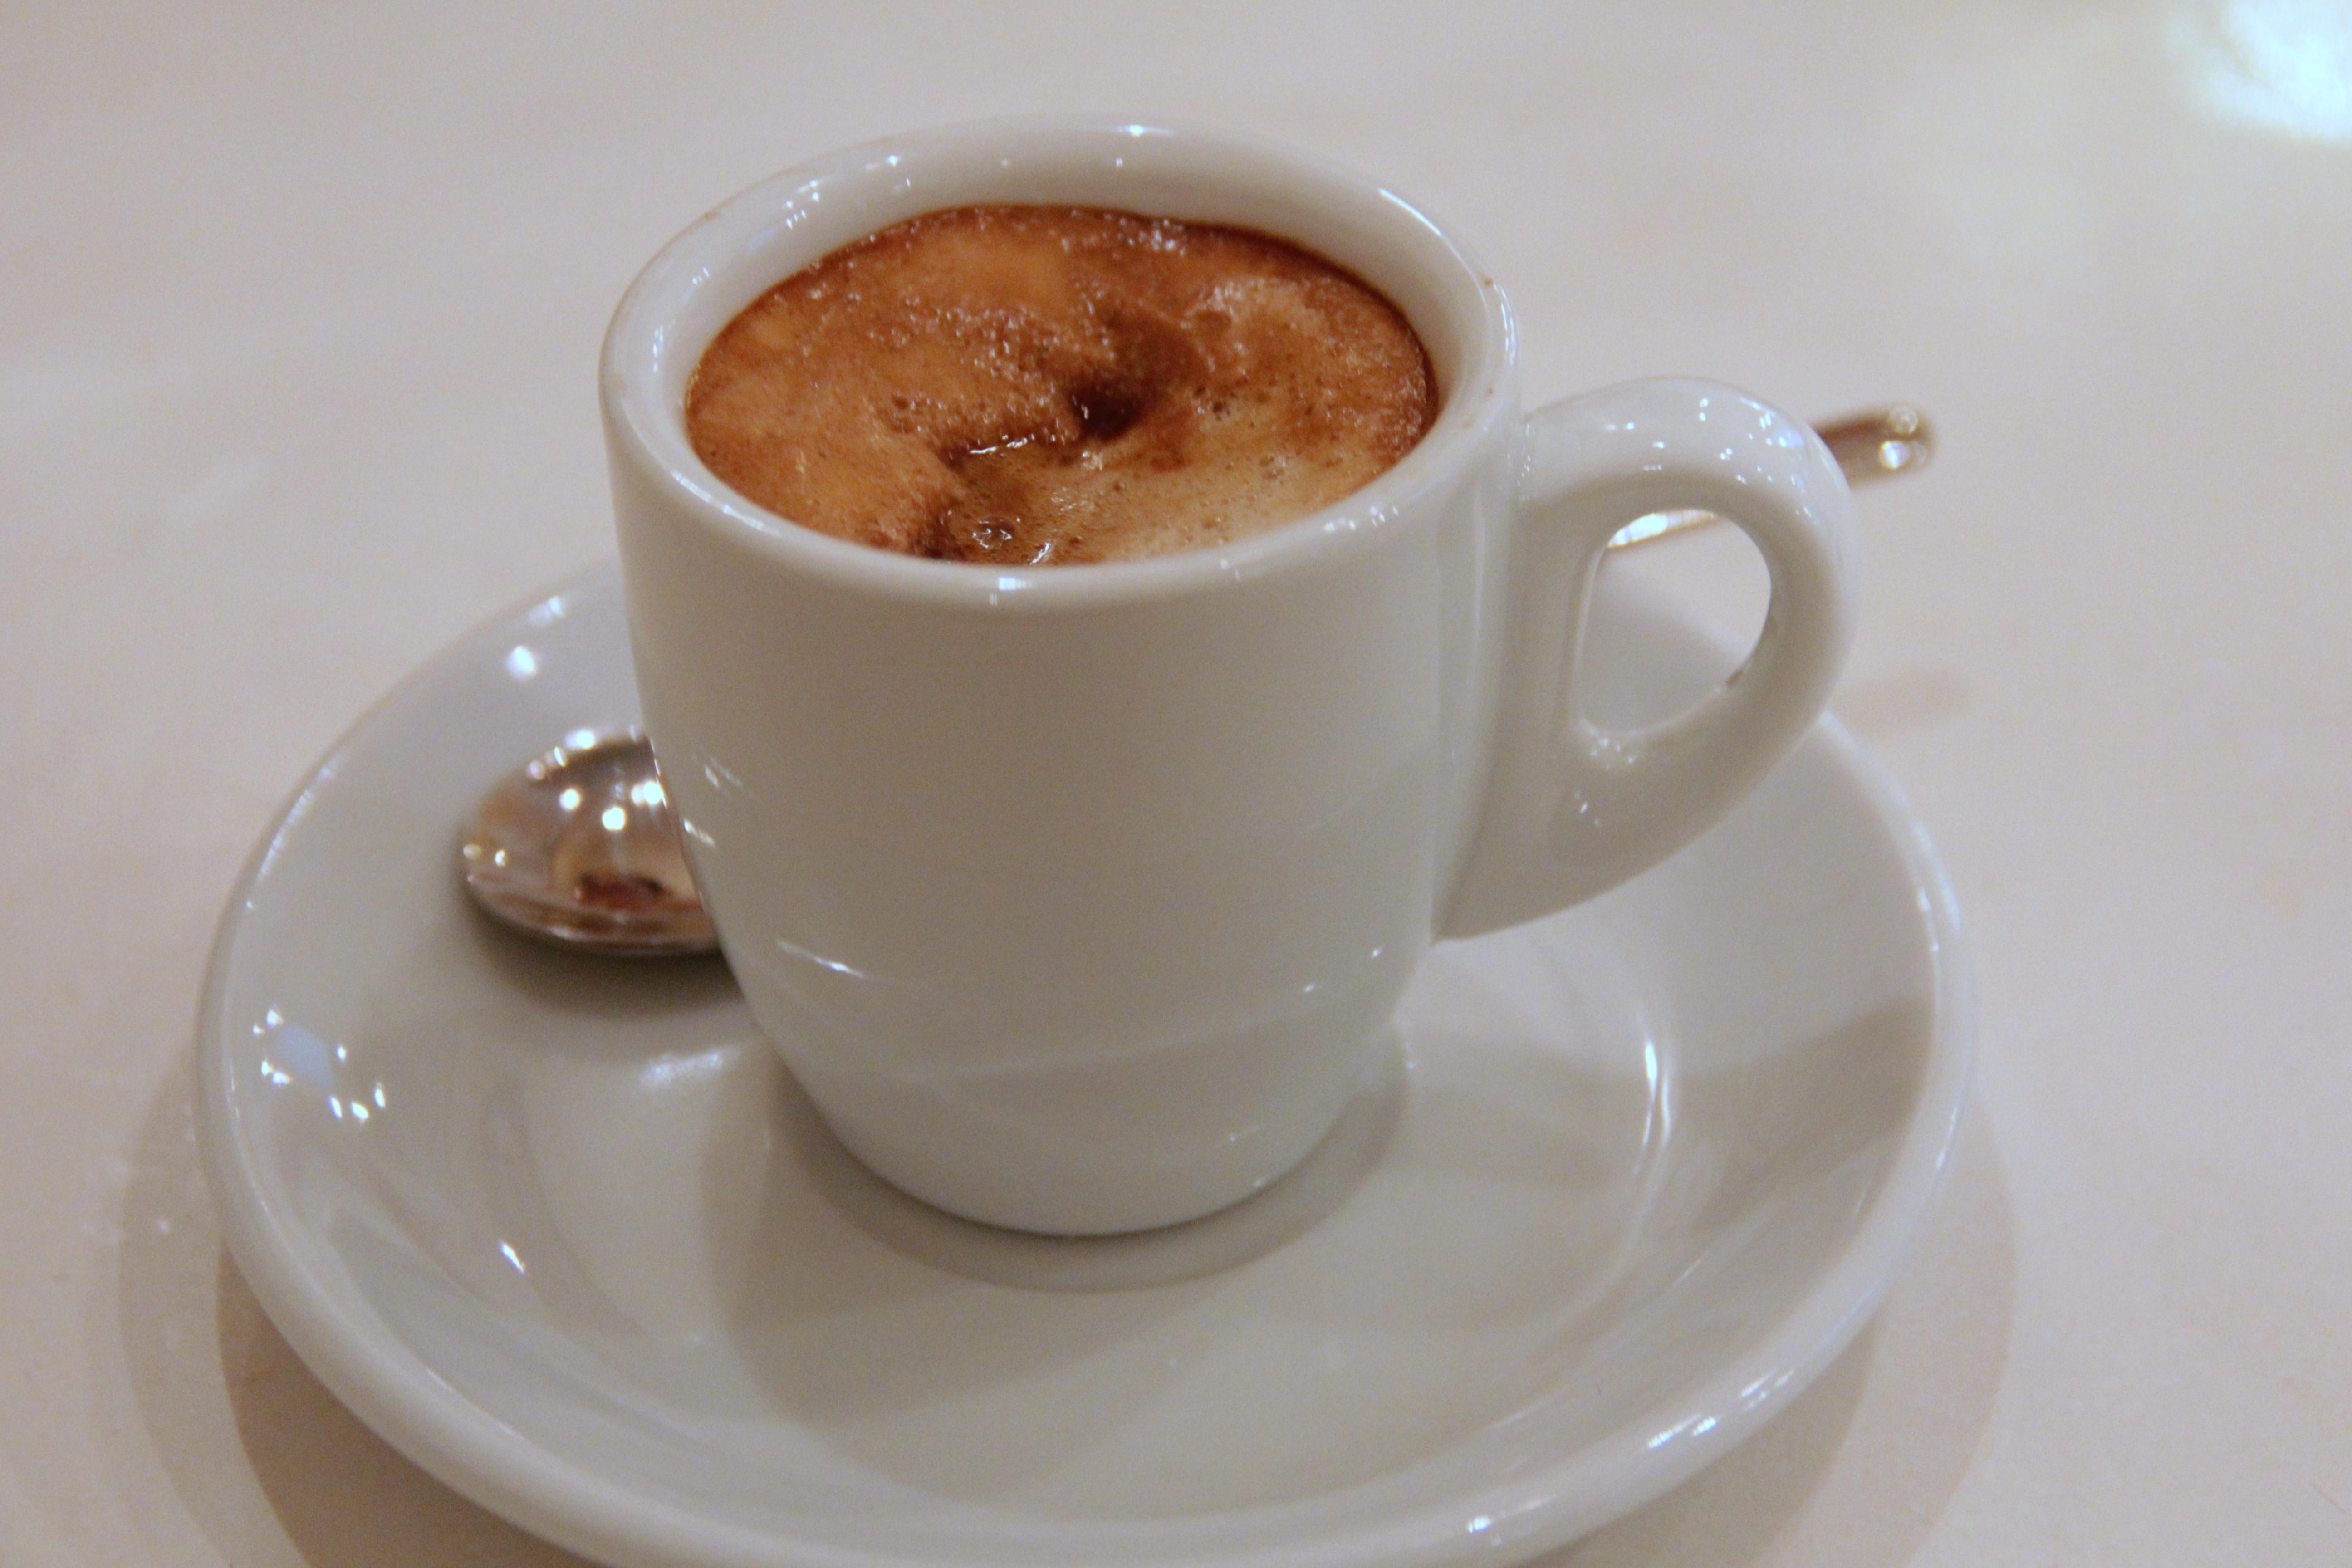 Cu nta cafe na tiene una taza de caf for Tazas cafe con leche